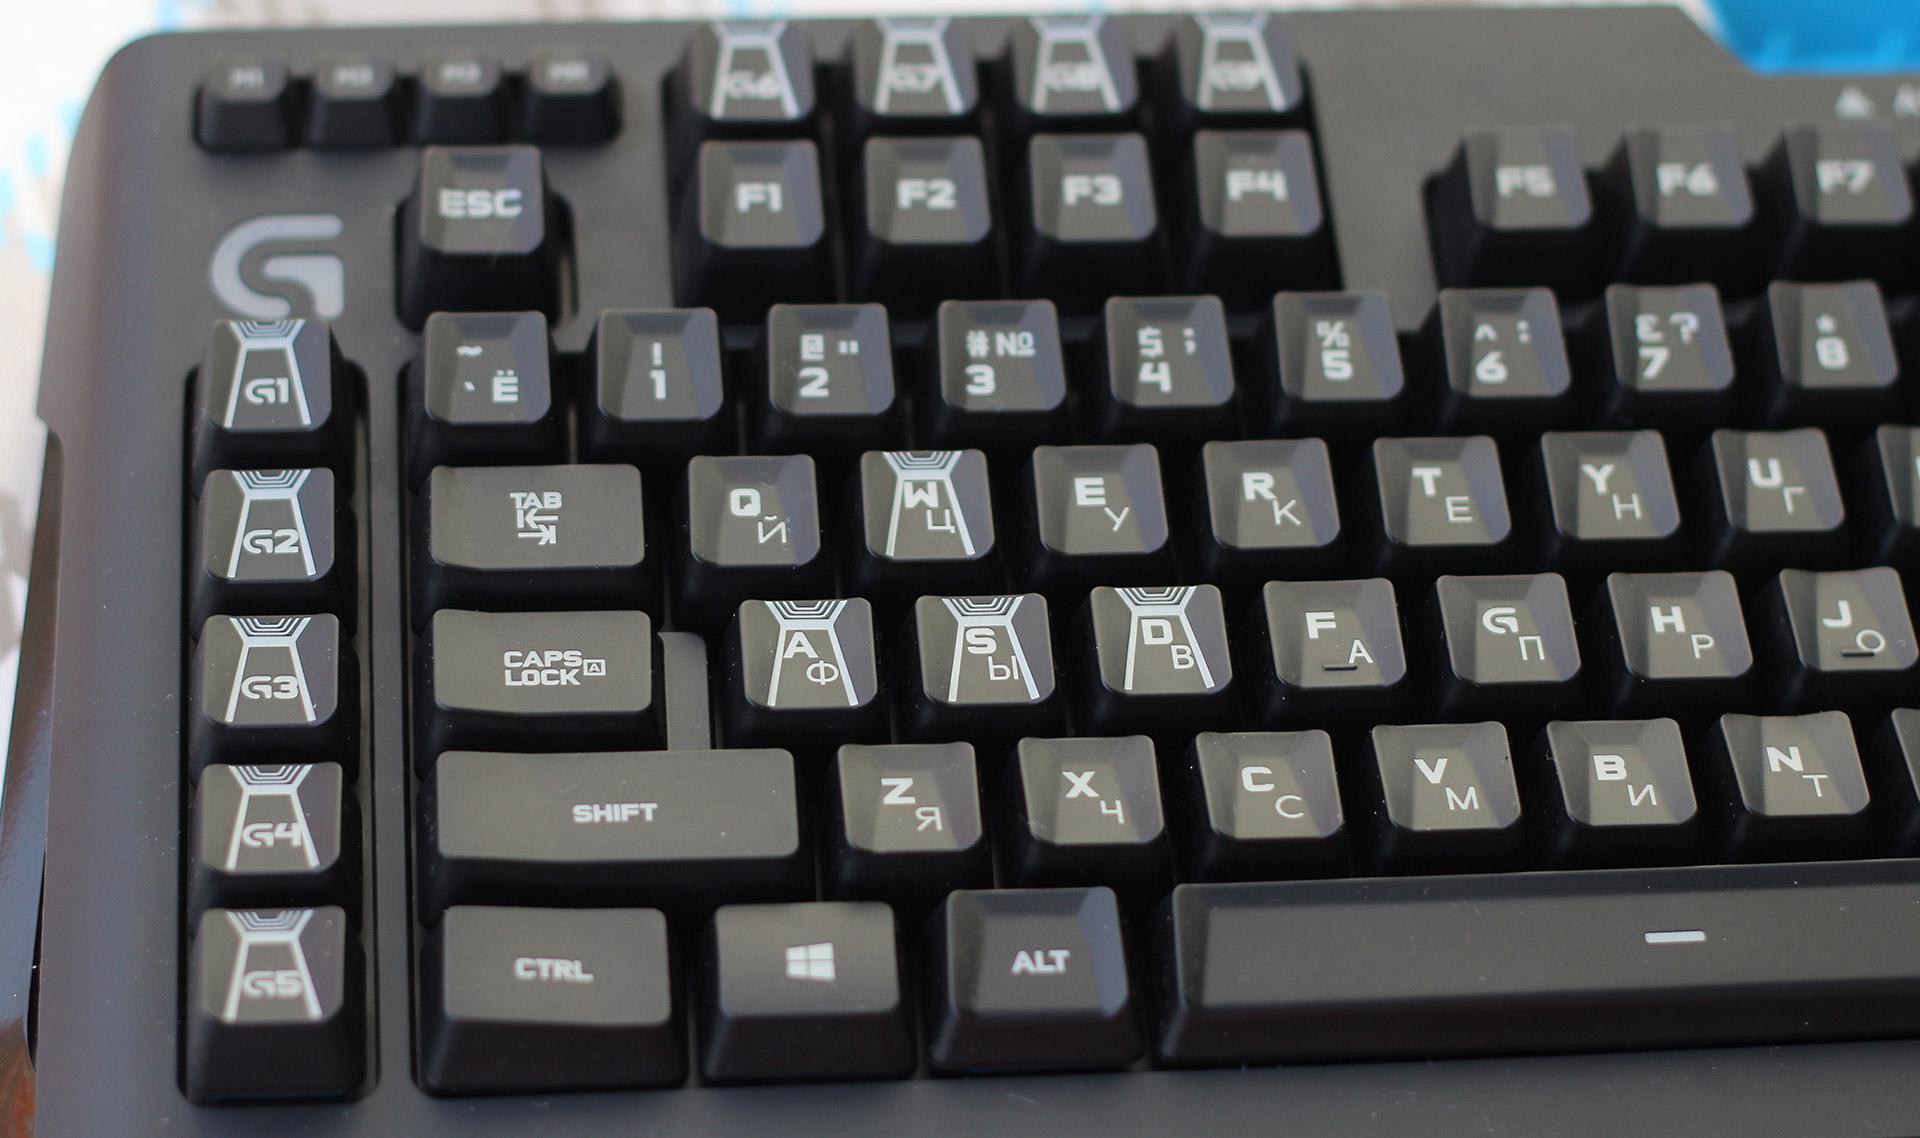 Каждая клавиша имеет небольшое углубление, которое не дает соскользнуть пальцам